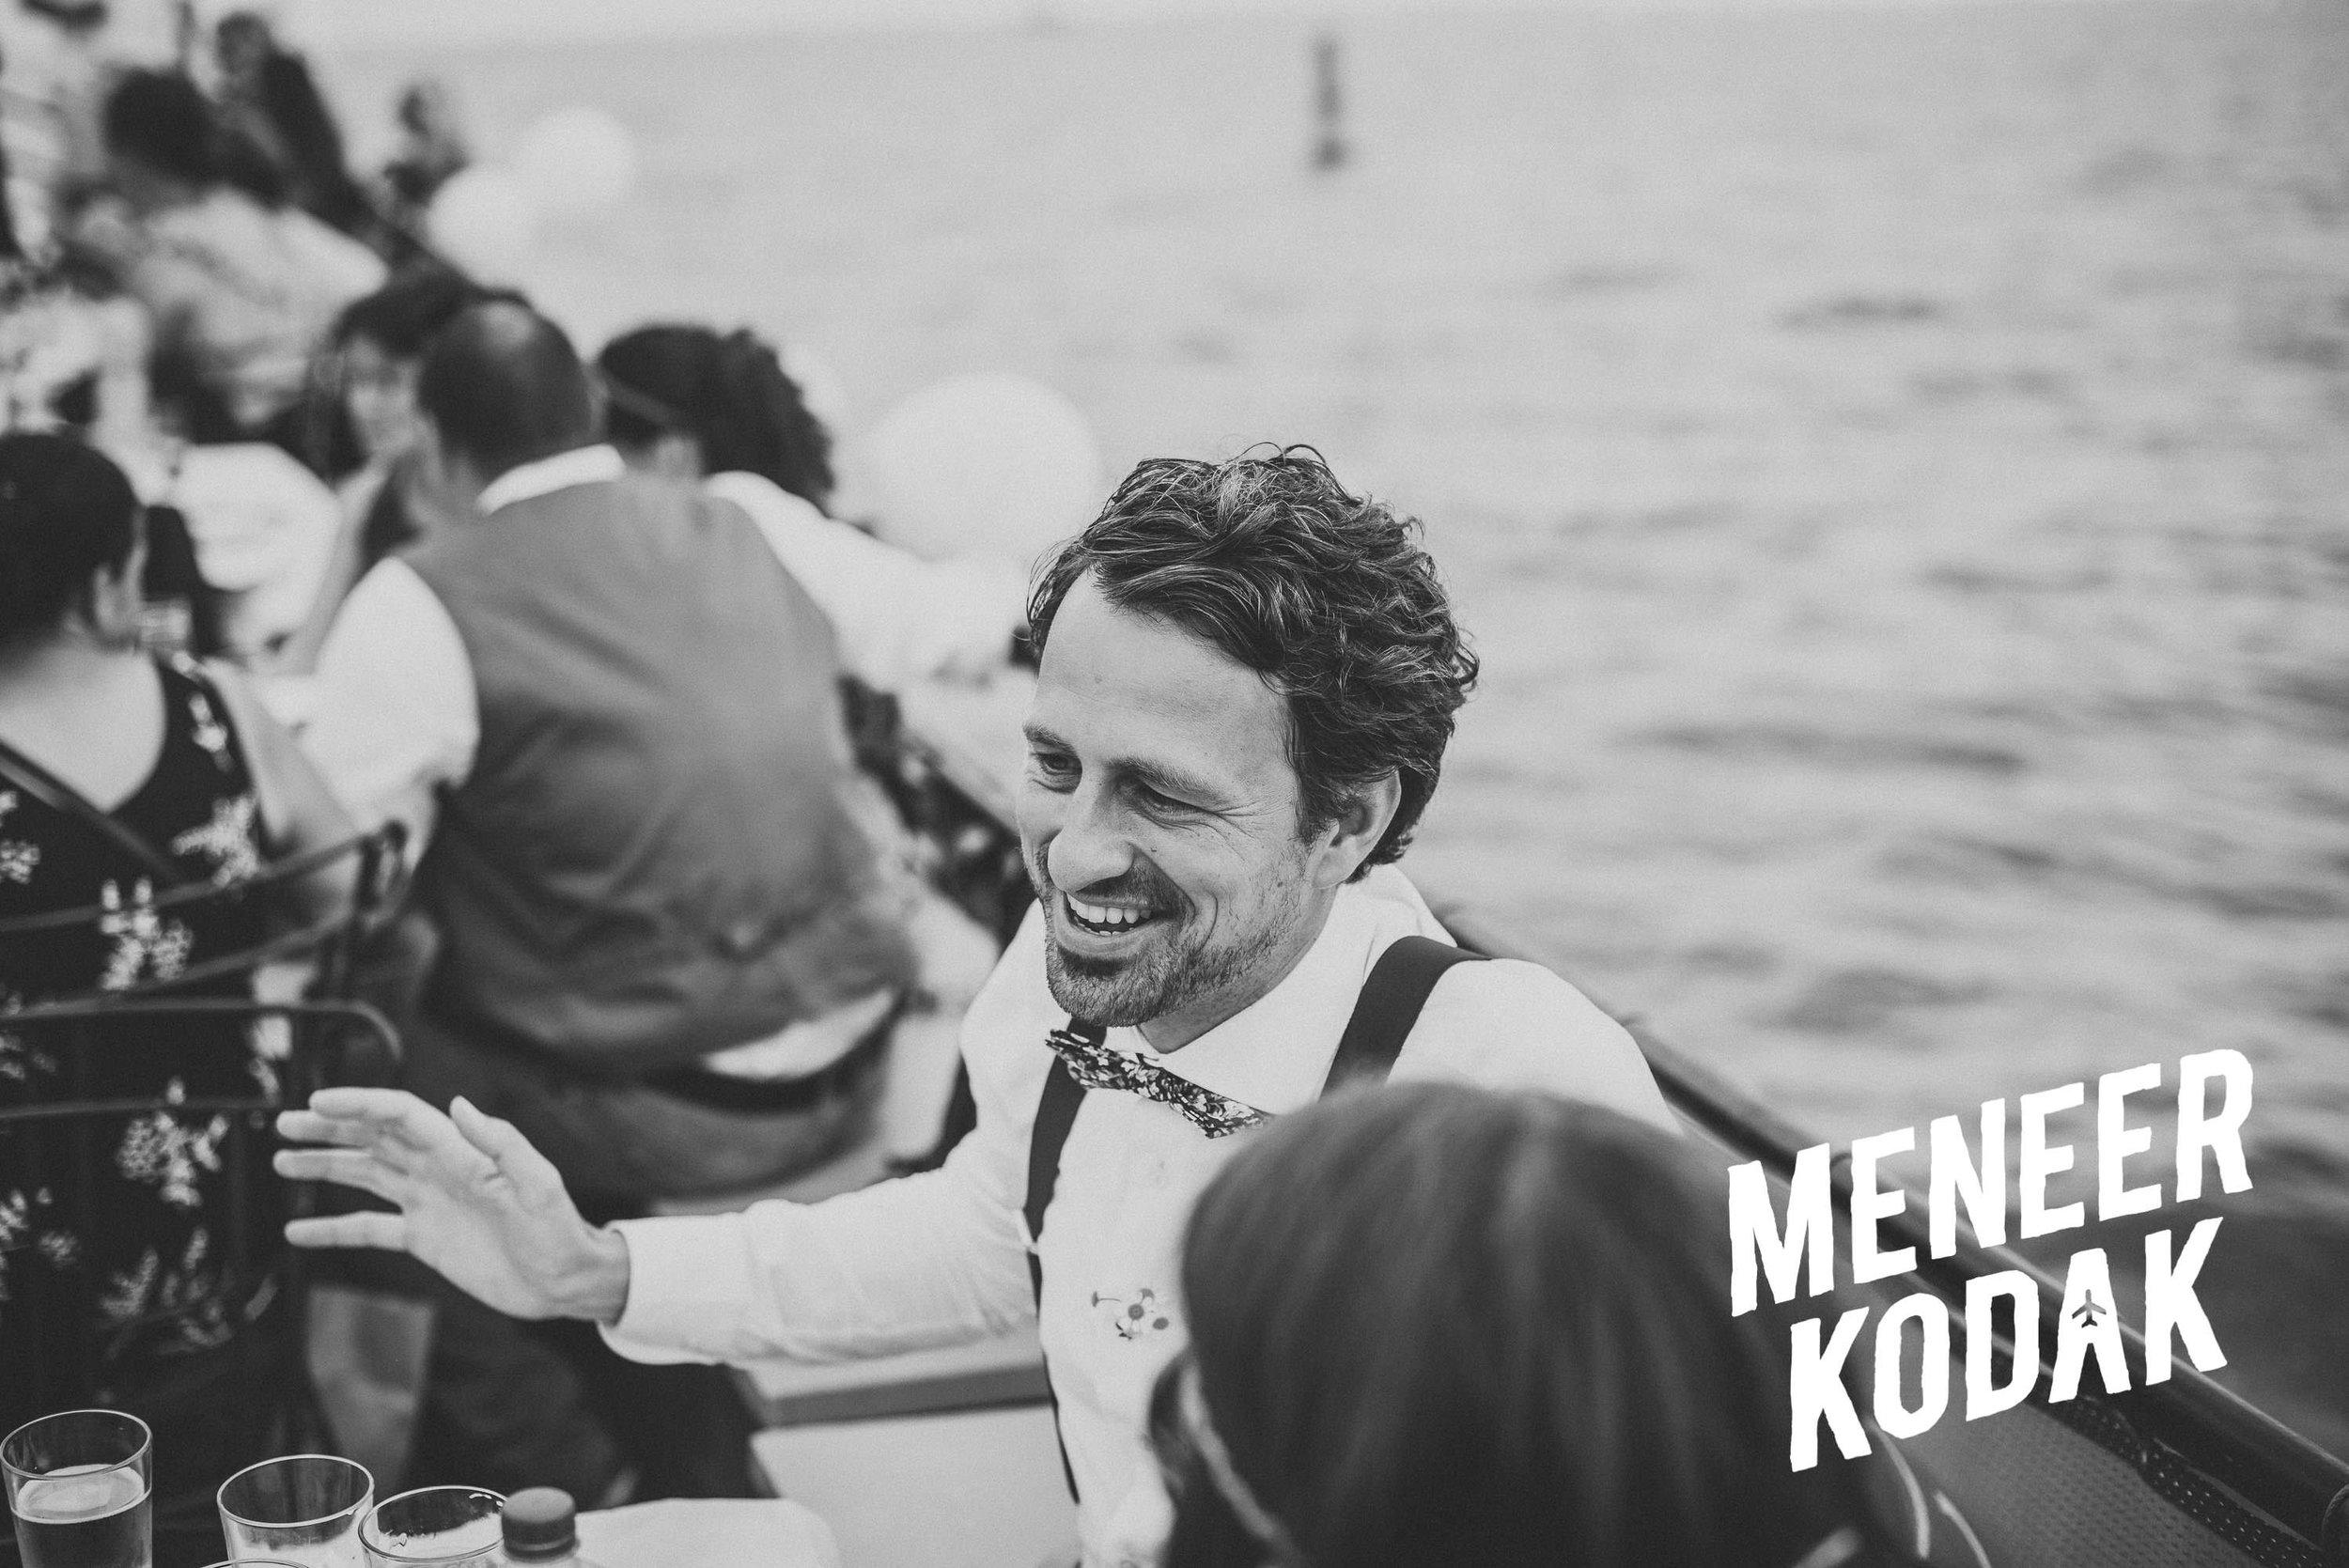 Meneer Kodak - Trouwfotograaf - Amsterdam - H&T-079.jpg